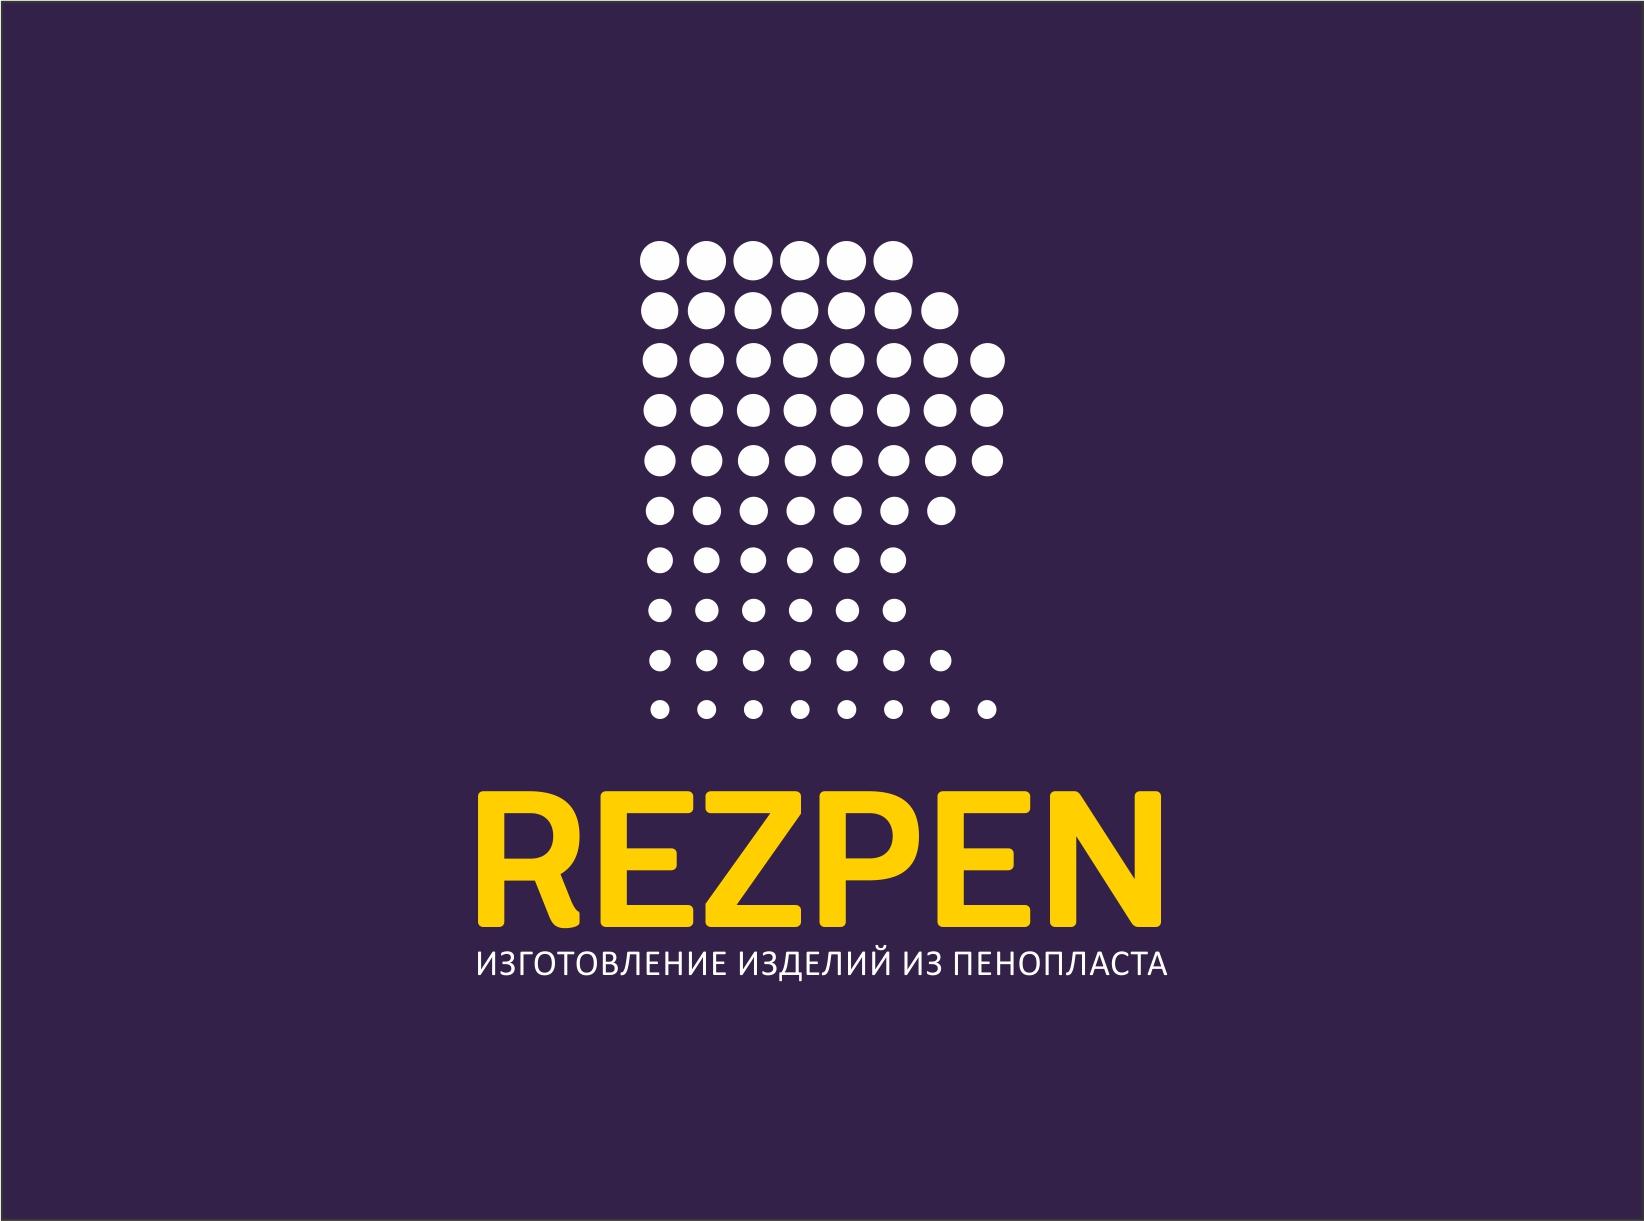 Редизайн логотипа фото f_2895a4e6862c338c.jpg